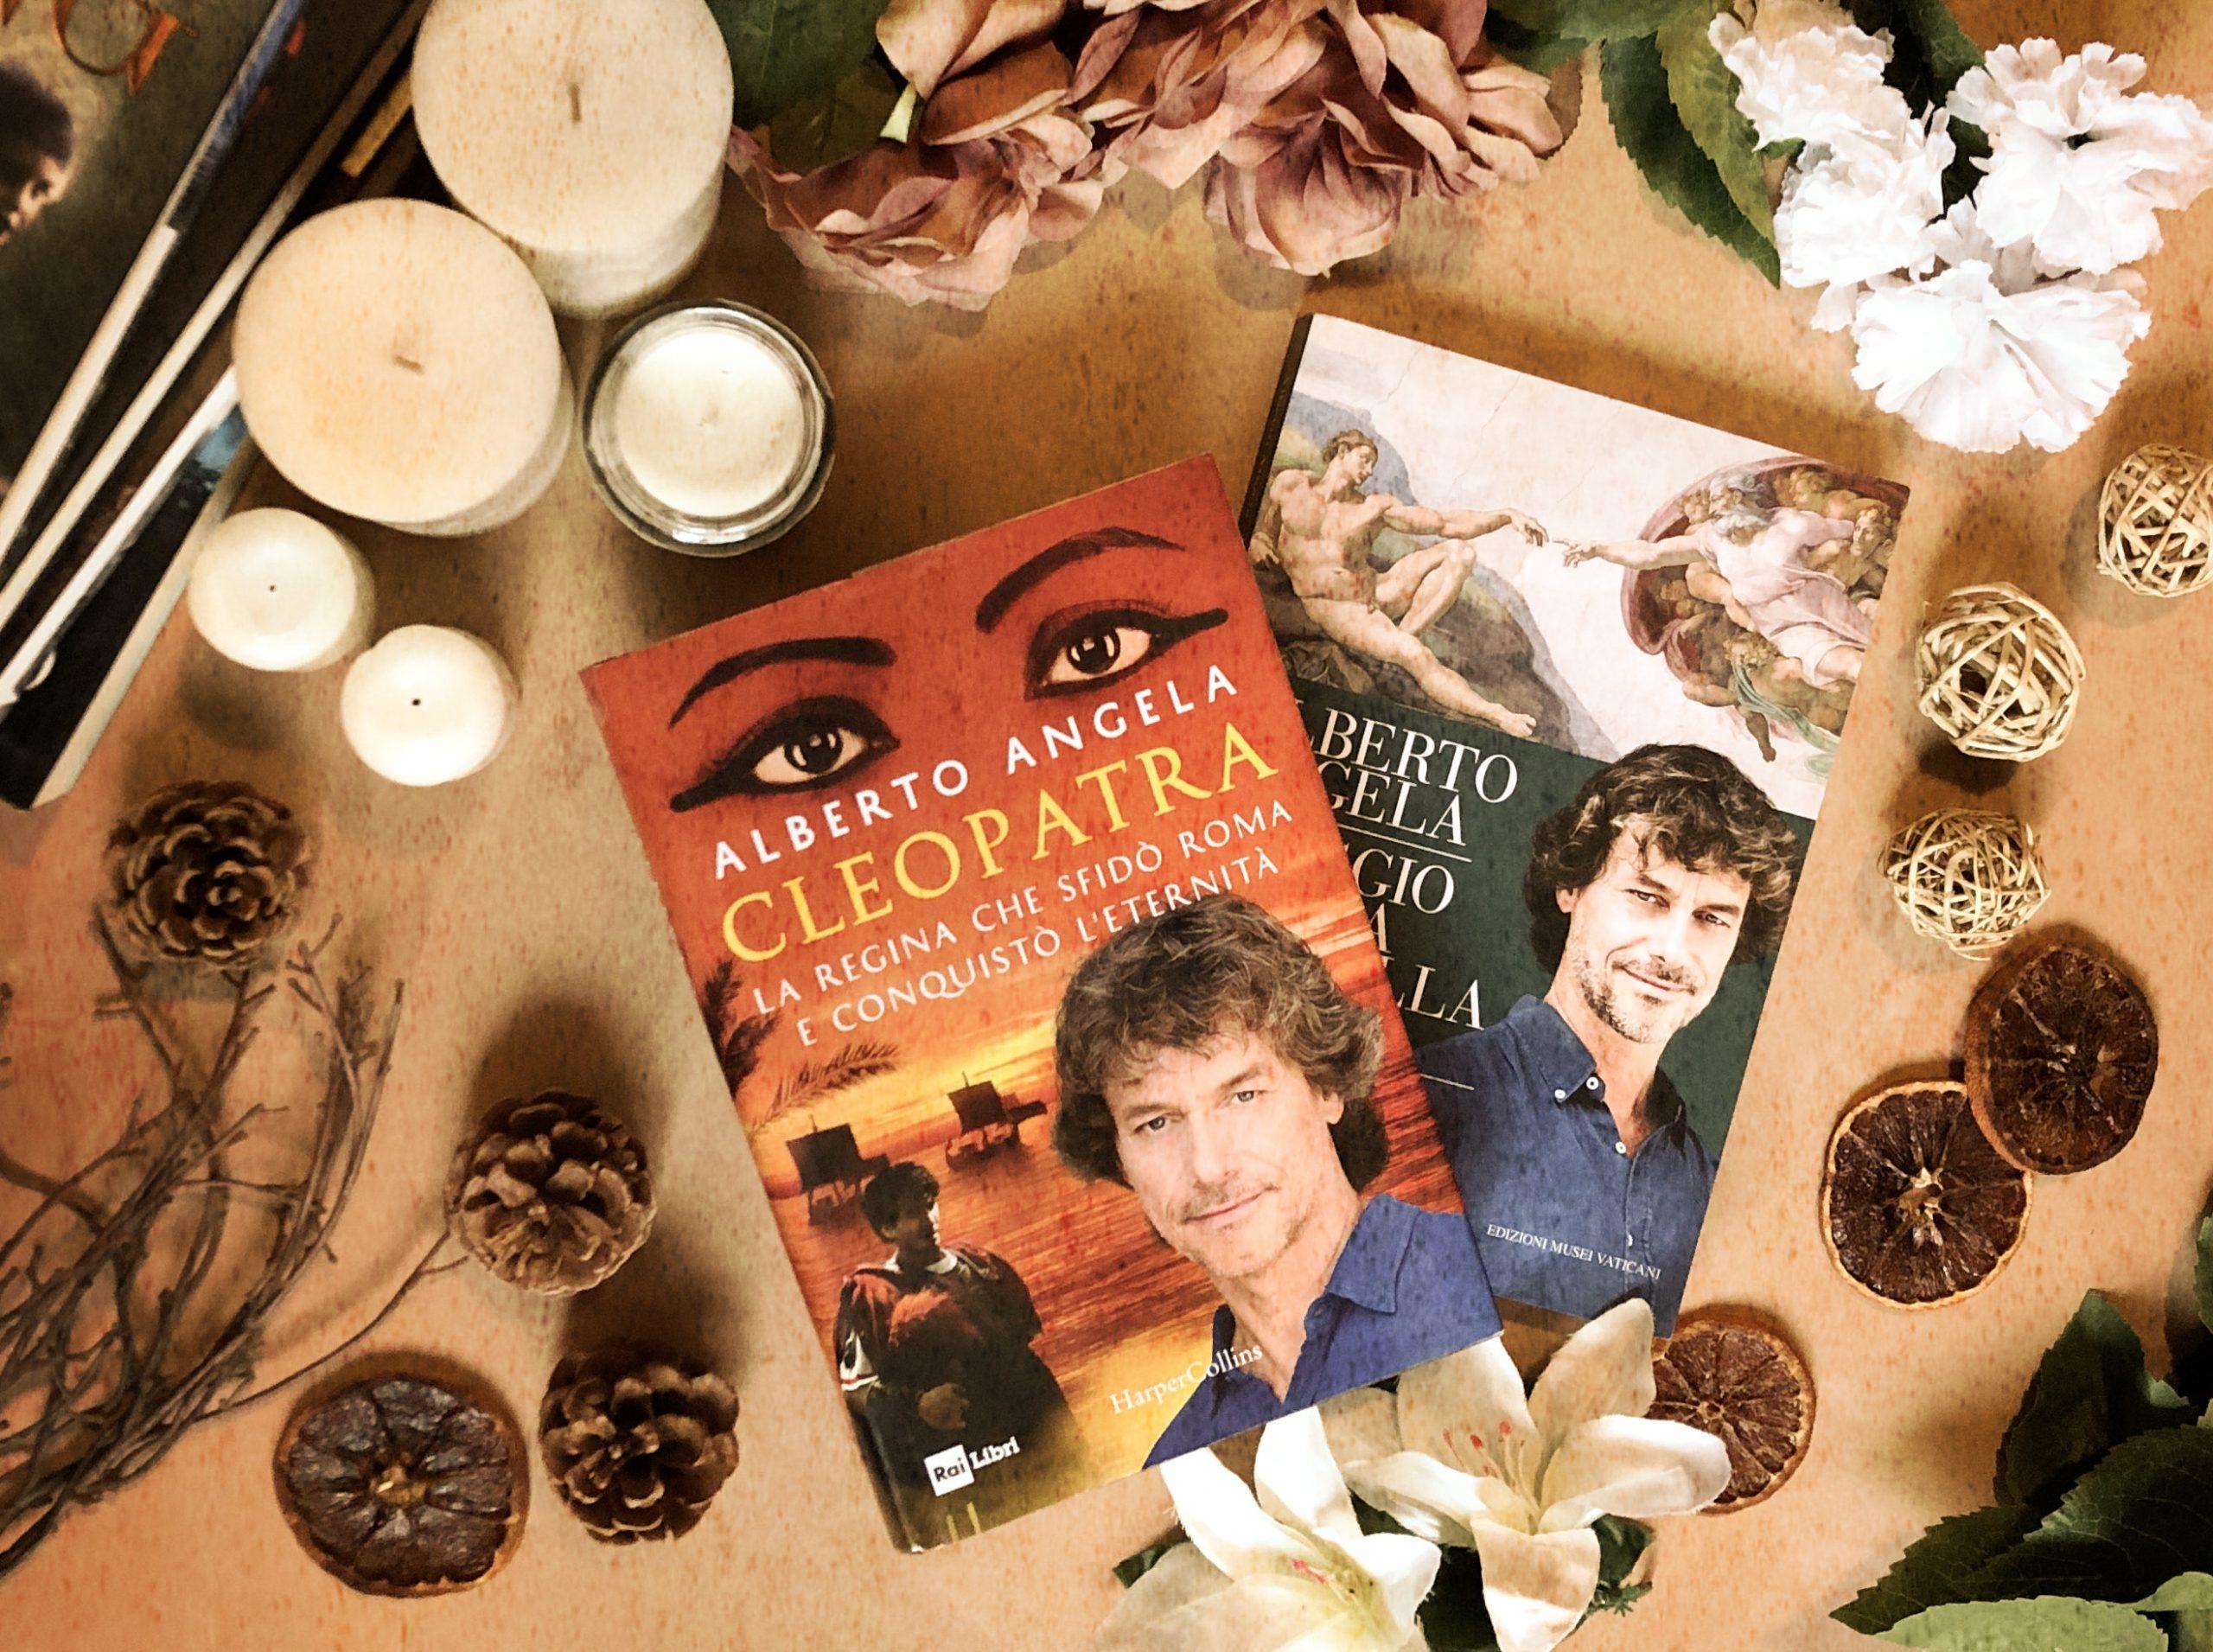 Cleopatra. La Regina che sfidò Roma e conquistò l'eternità – Alberto Angela